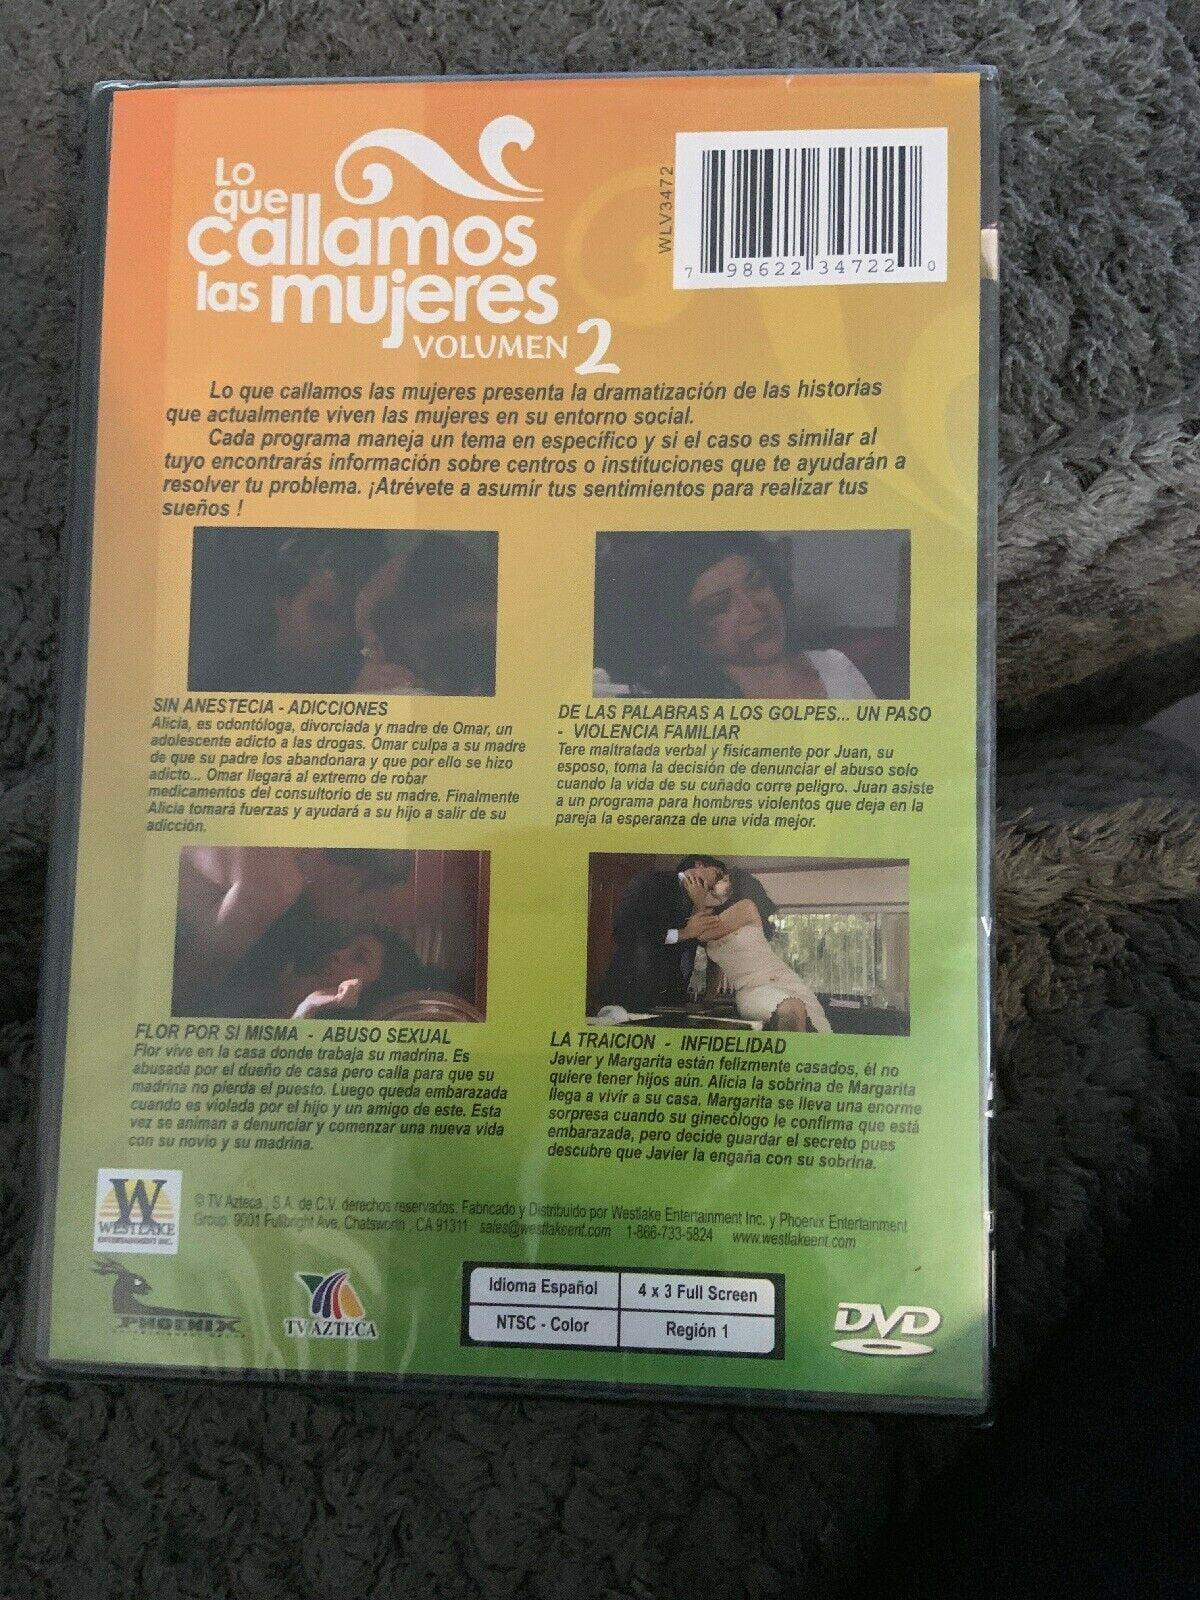 Lo Que Callamos Las Mujeres Vol 2 Dvd Walmart Com Walmart Com